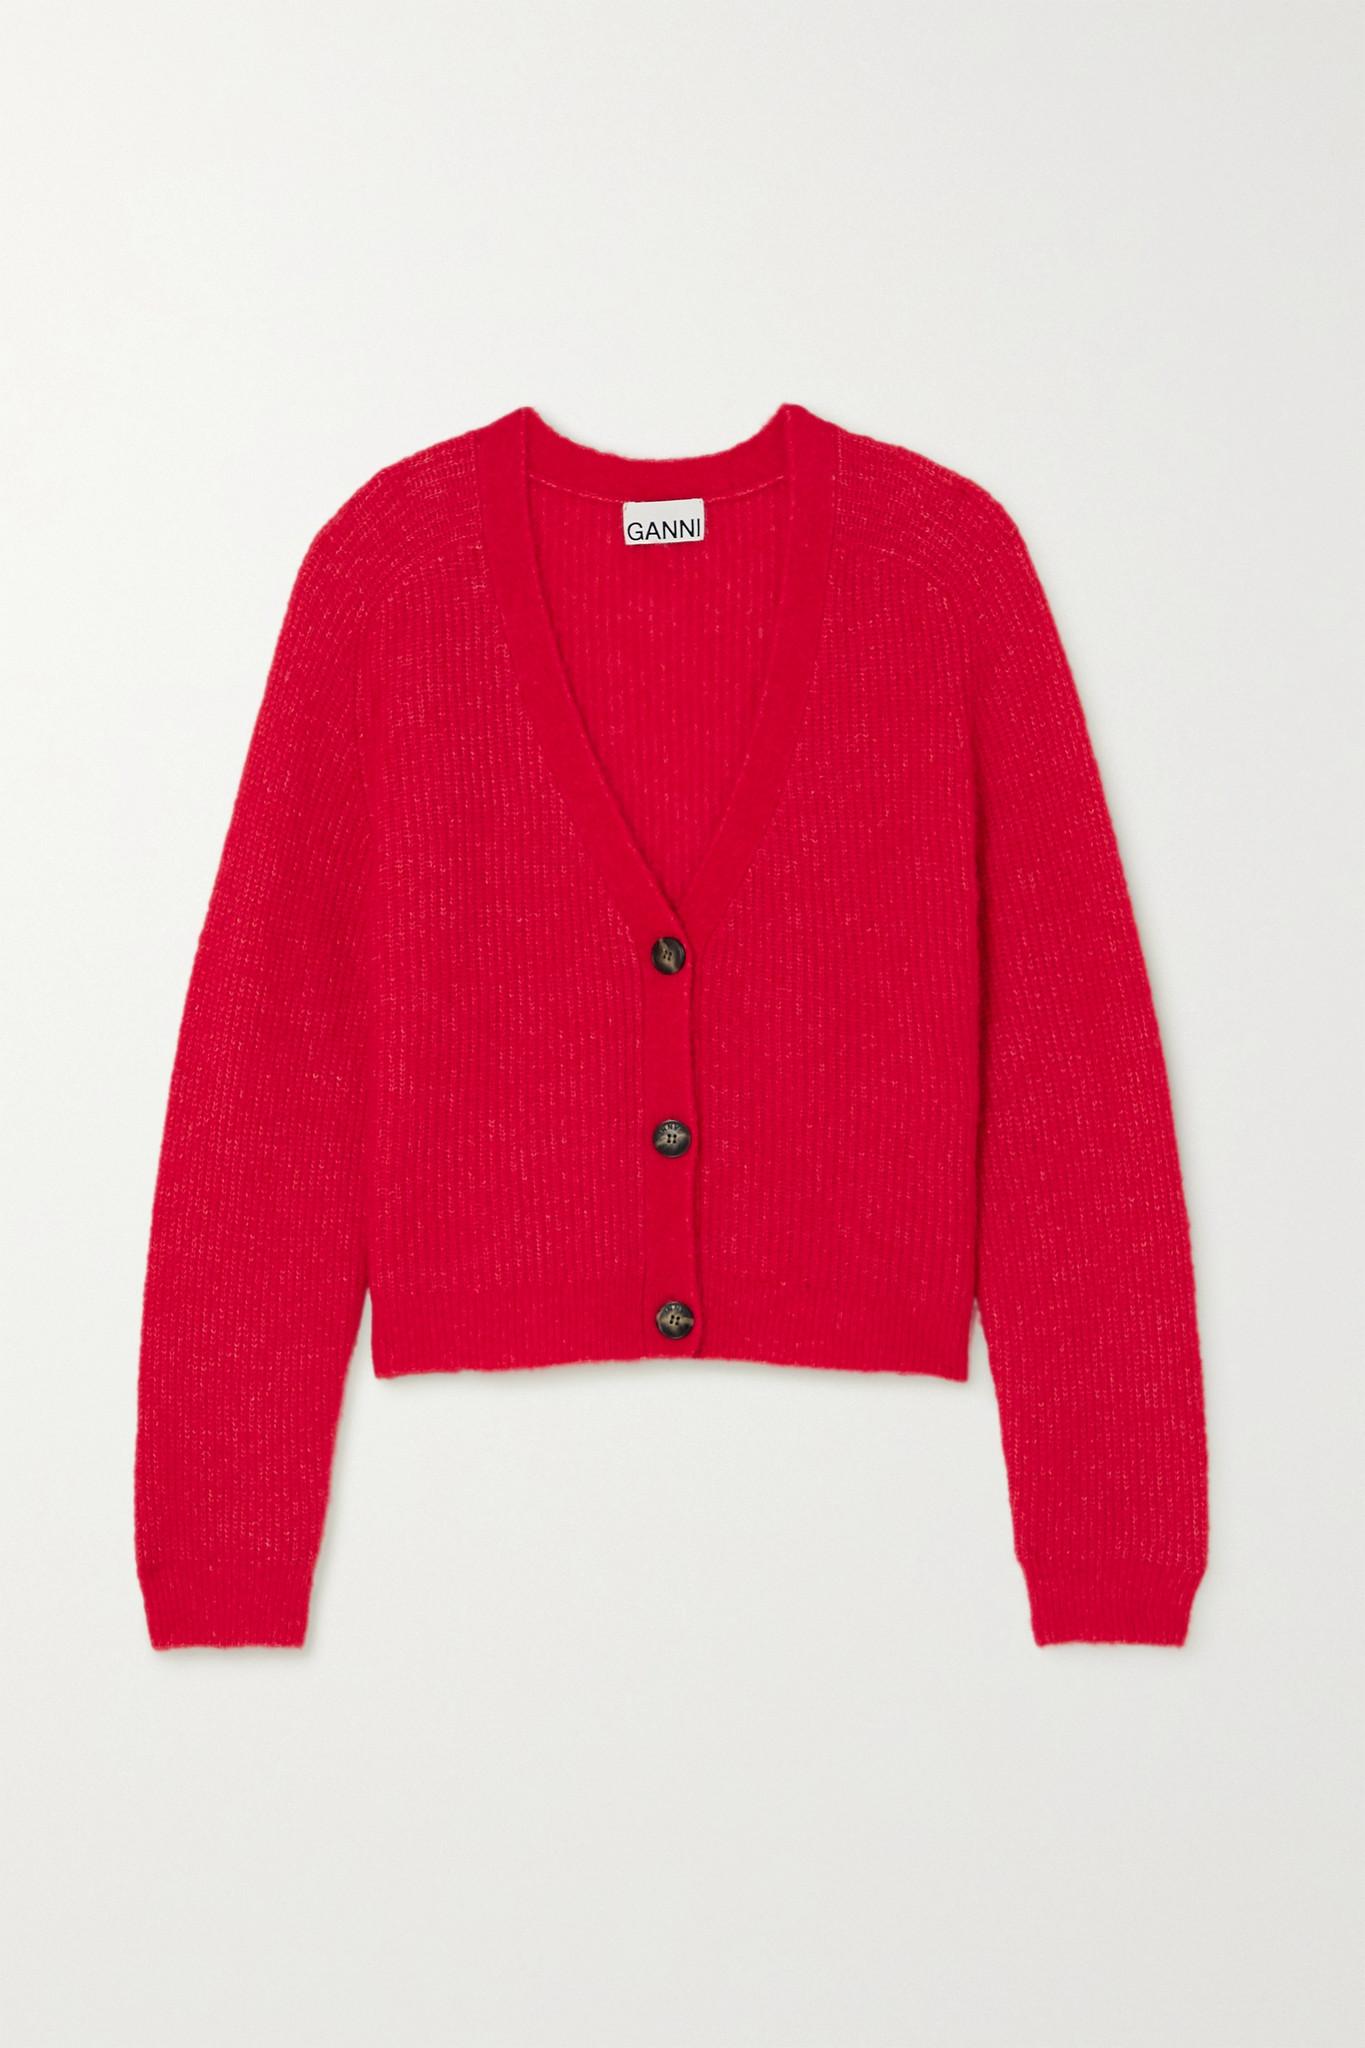 GANNI - 针织开襟衫 - 红色 - x small